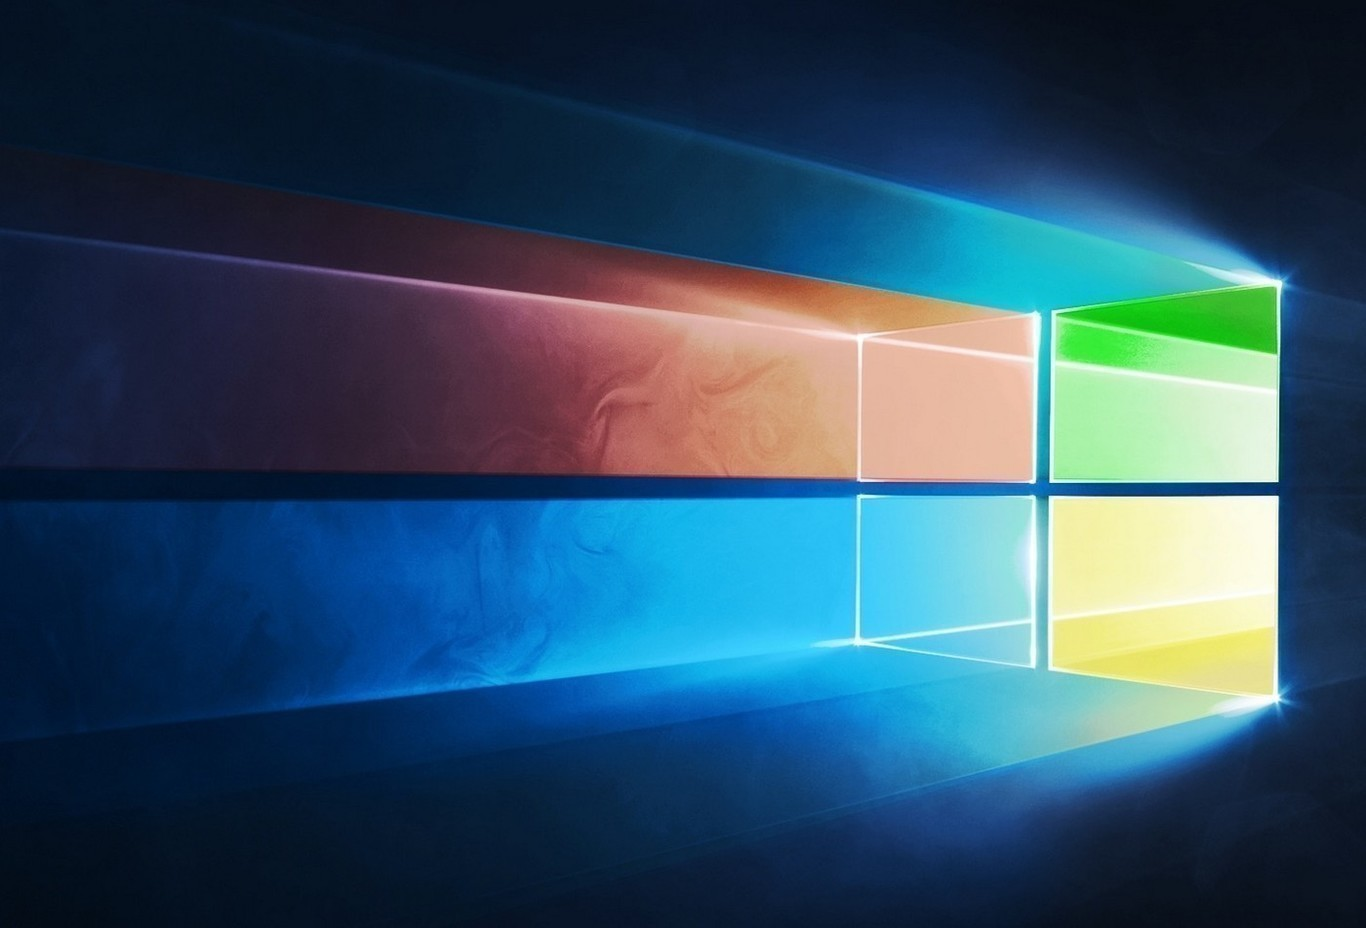 Windows 10 November 2019 Update: ya tenemos nombre para la actualización de otoño y la posible Build final